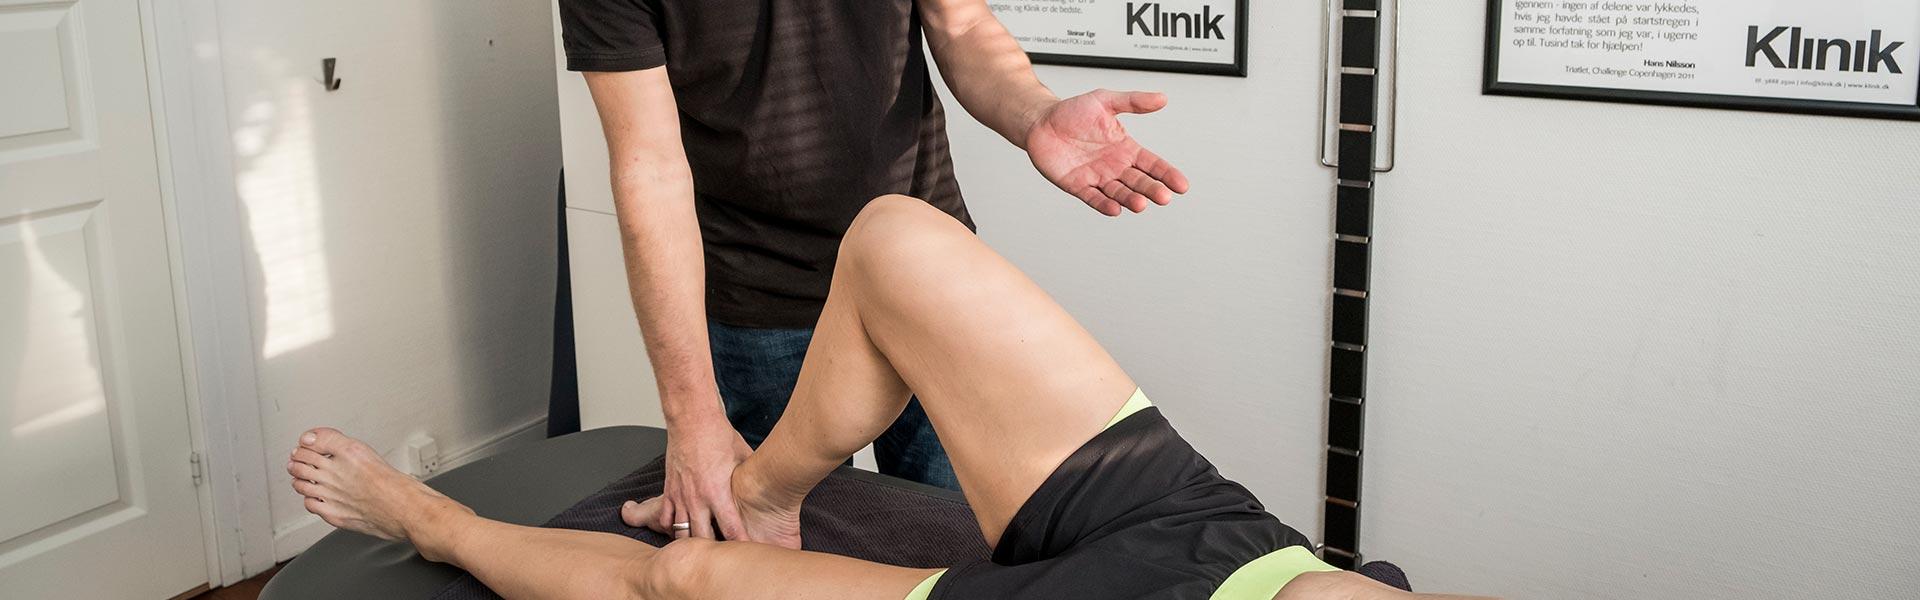 massage charlottenlund massage thai københavn